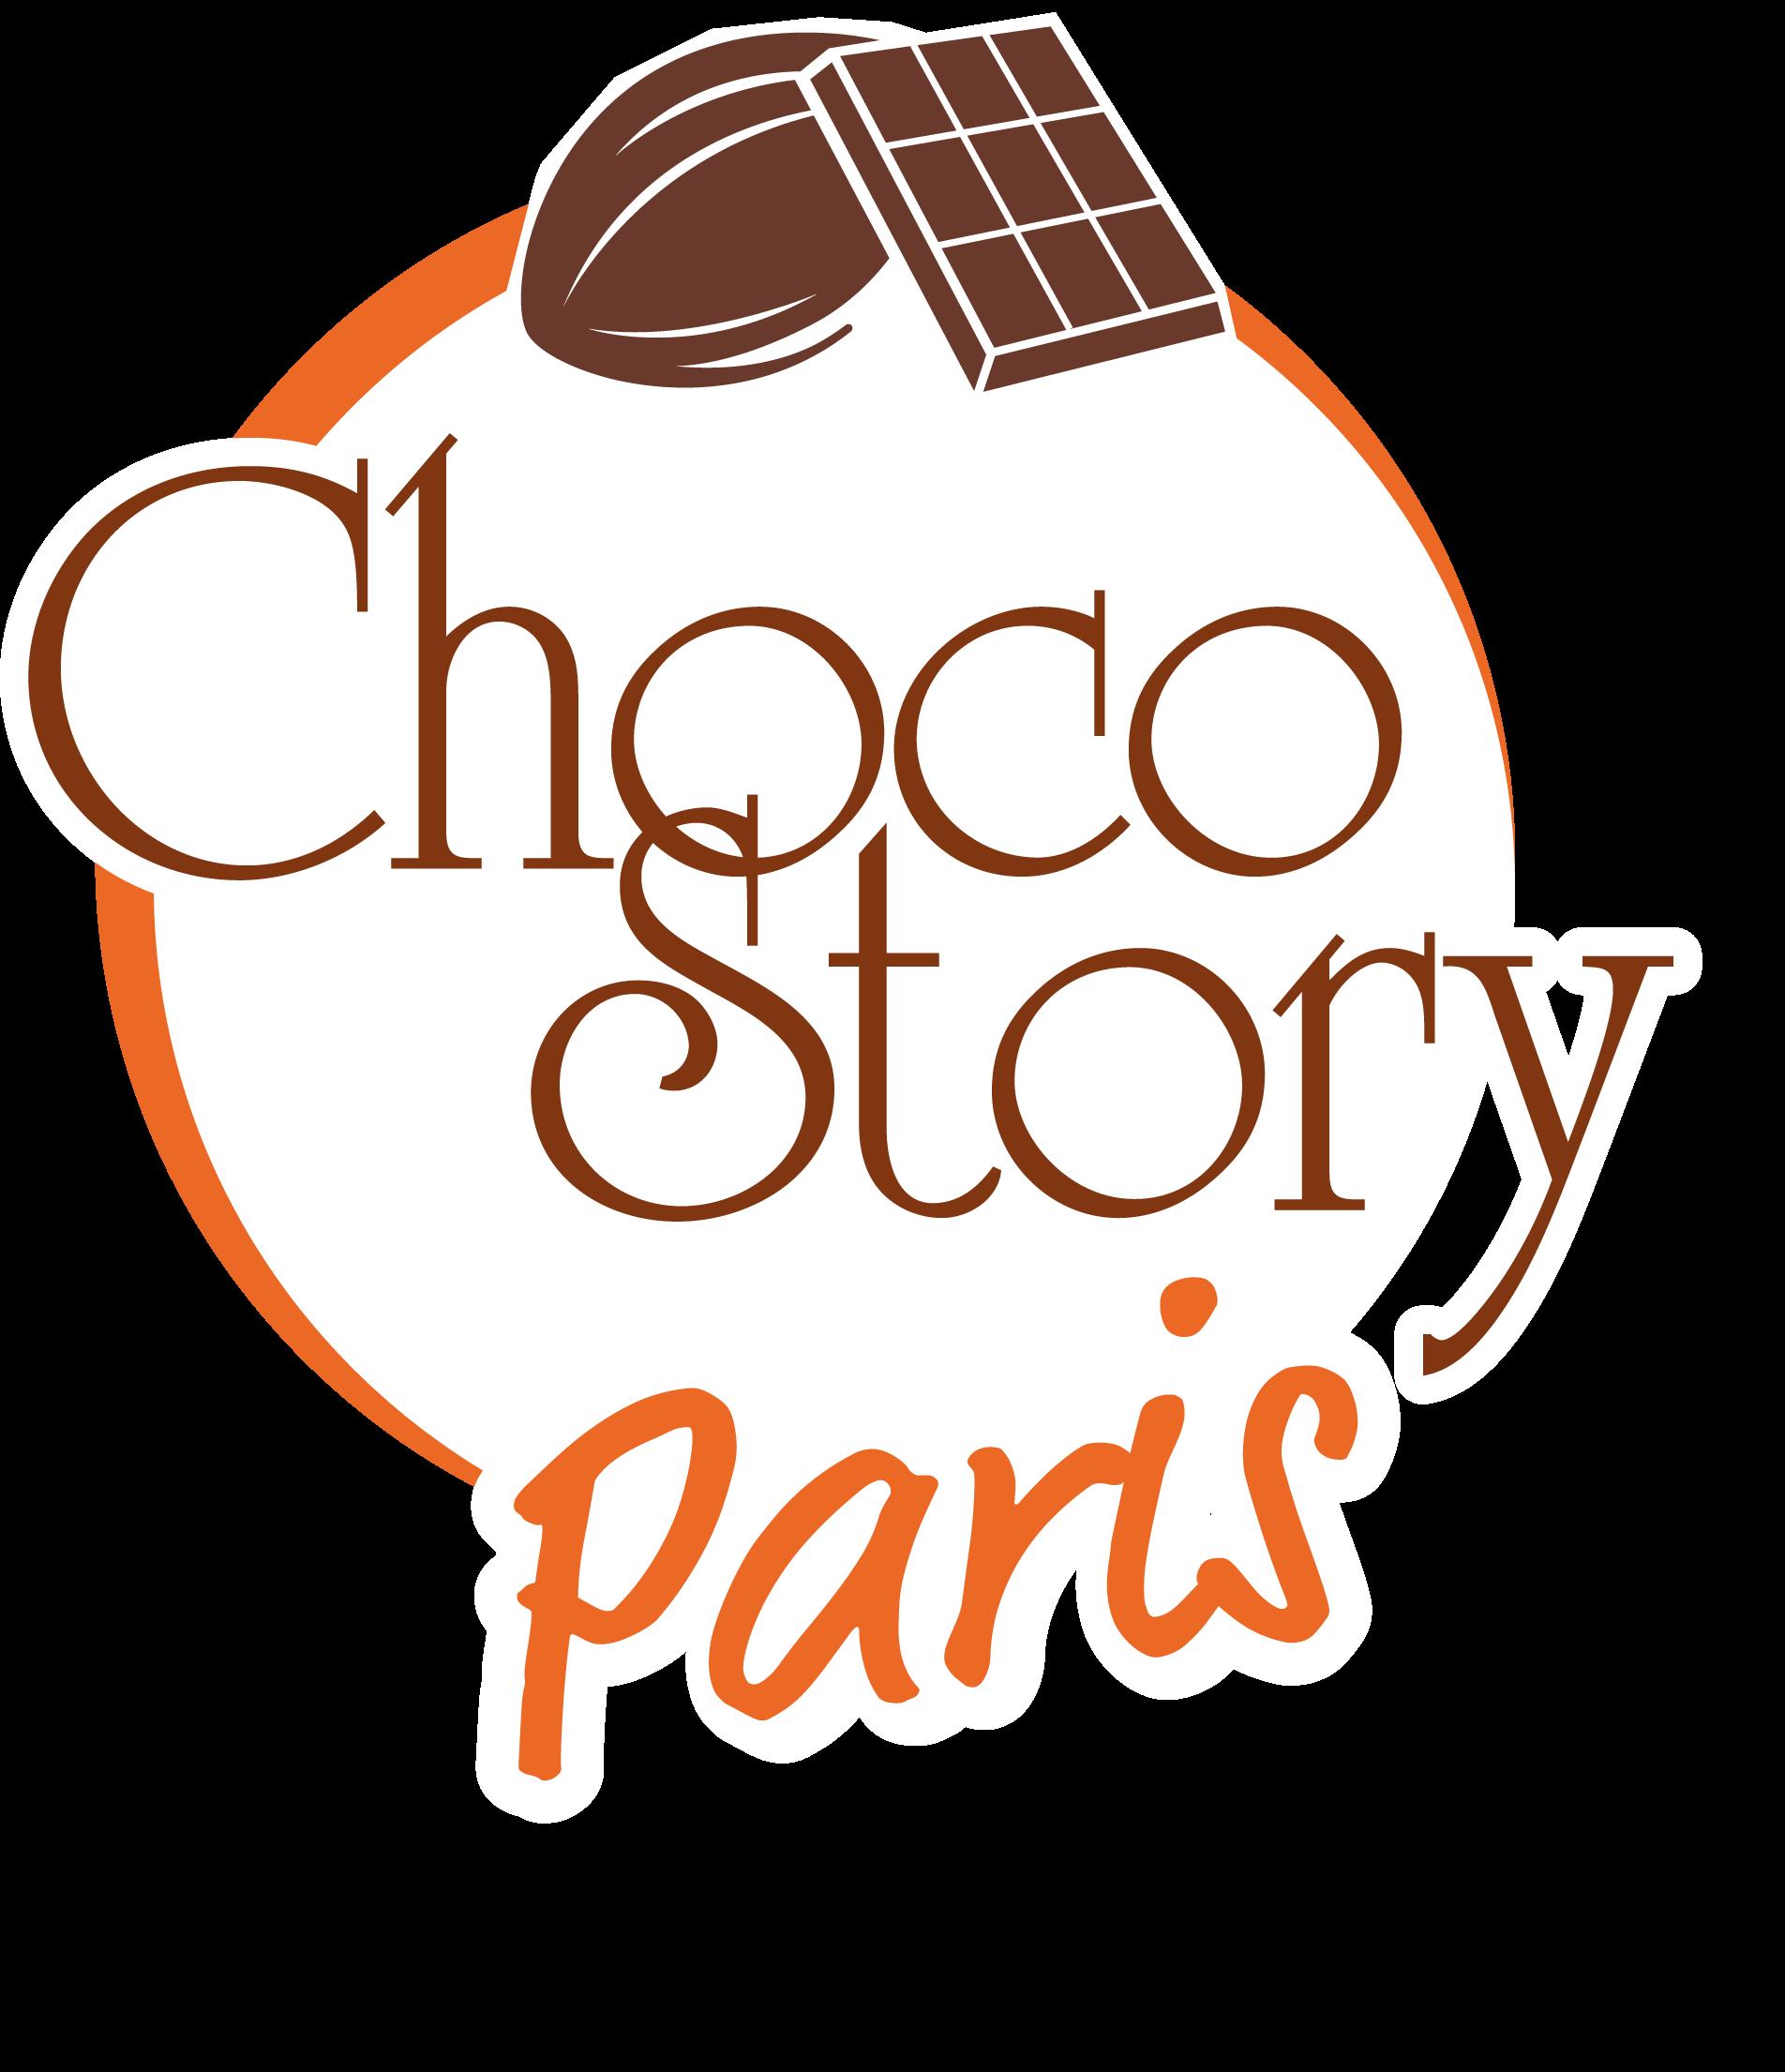 Choco-Story PARIS